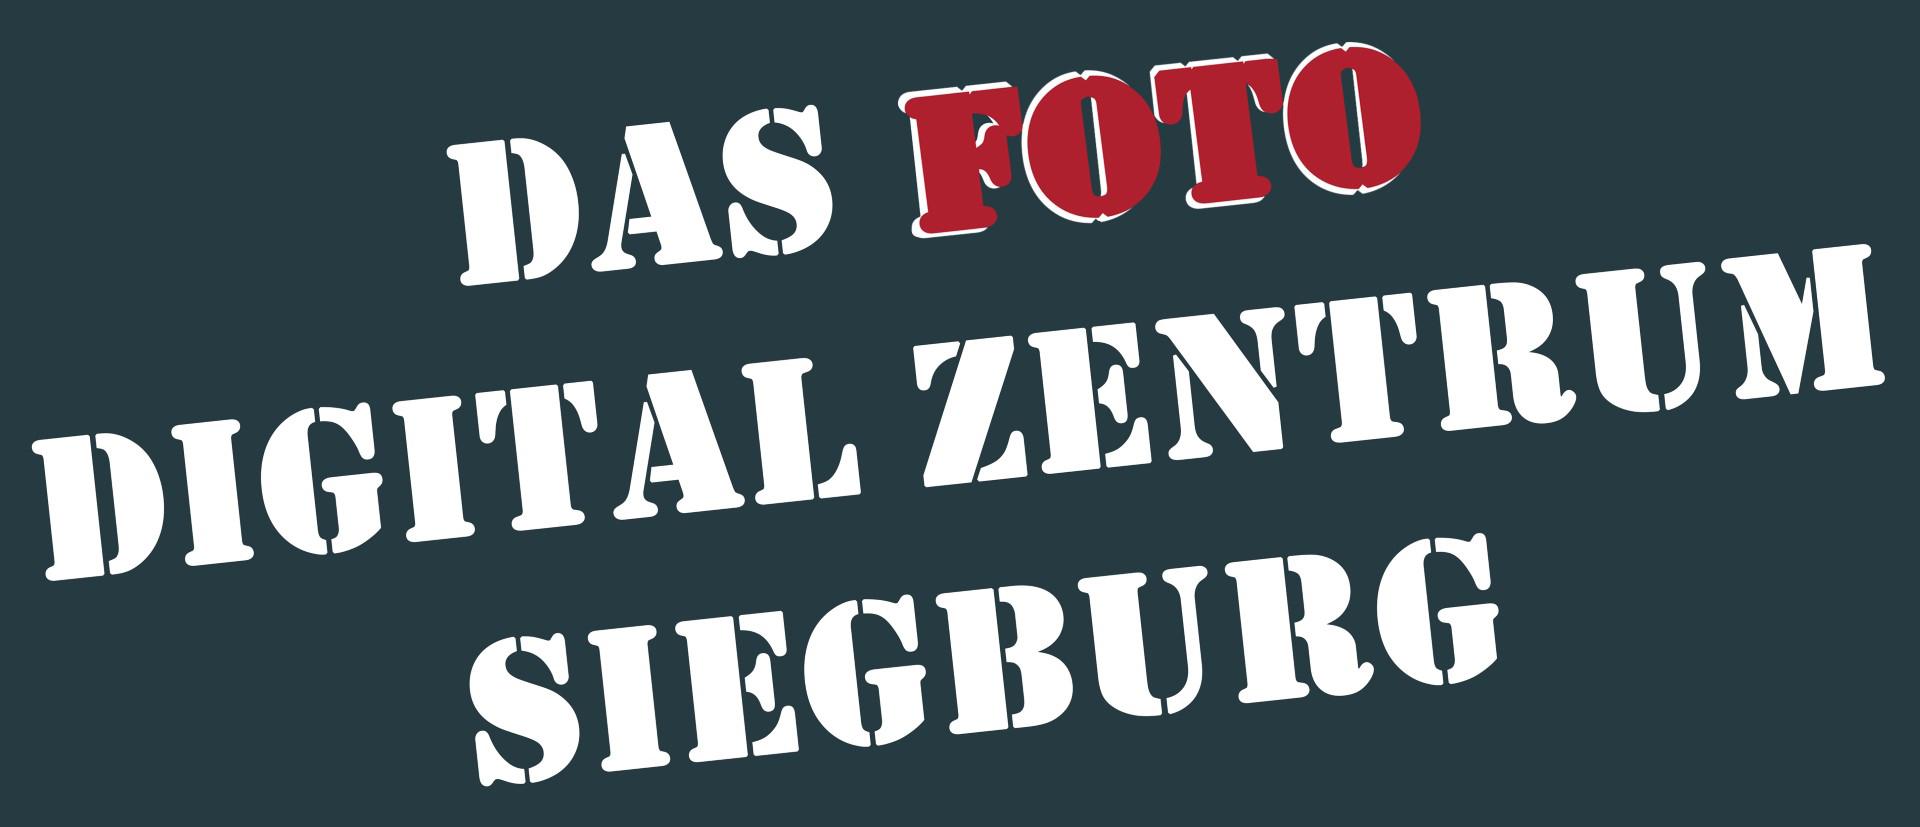 Das Bild zeigt das Logo des Foto & Digital Zentrum Siegburg